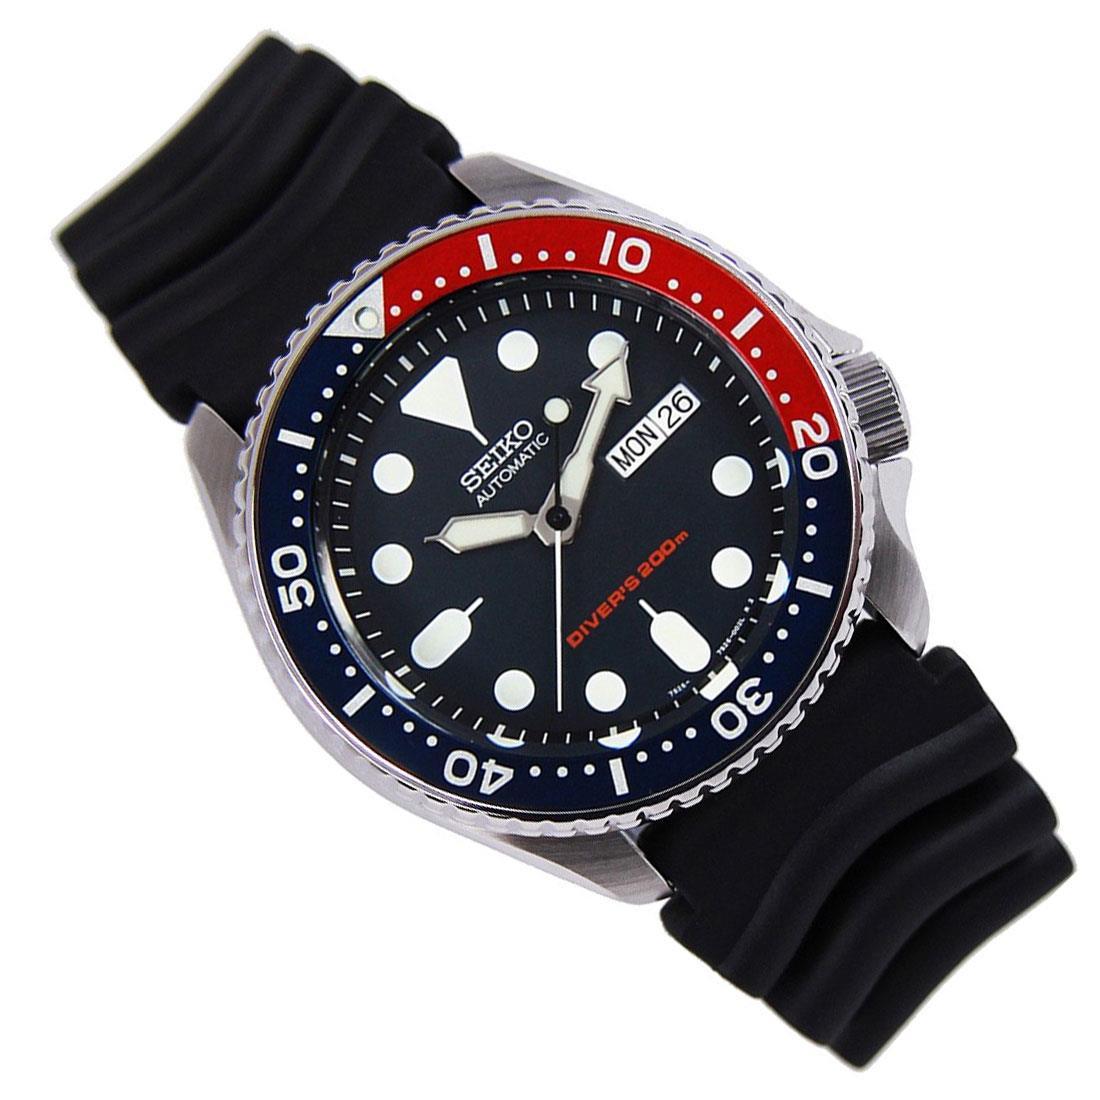 TOP-SELLING-Seiko-SKX009-SKX009J1-SKX009J2-SKX009K1-SKX009K2-Pepsi-Dive-Watch thumbnail 26